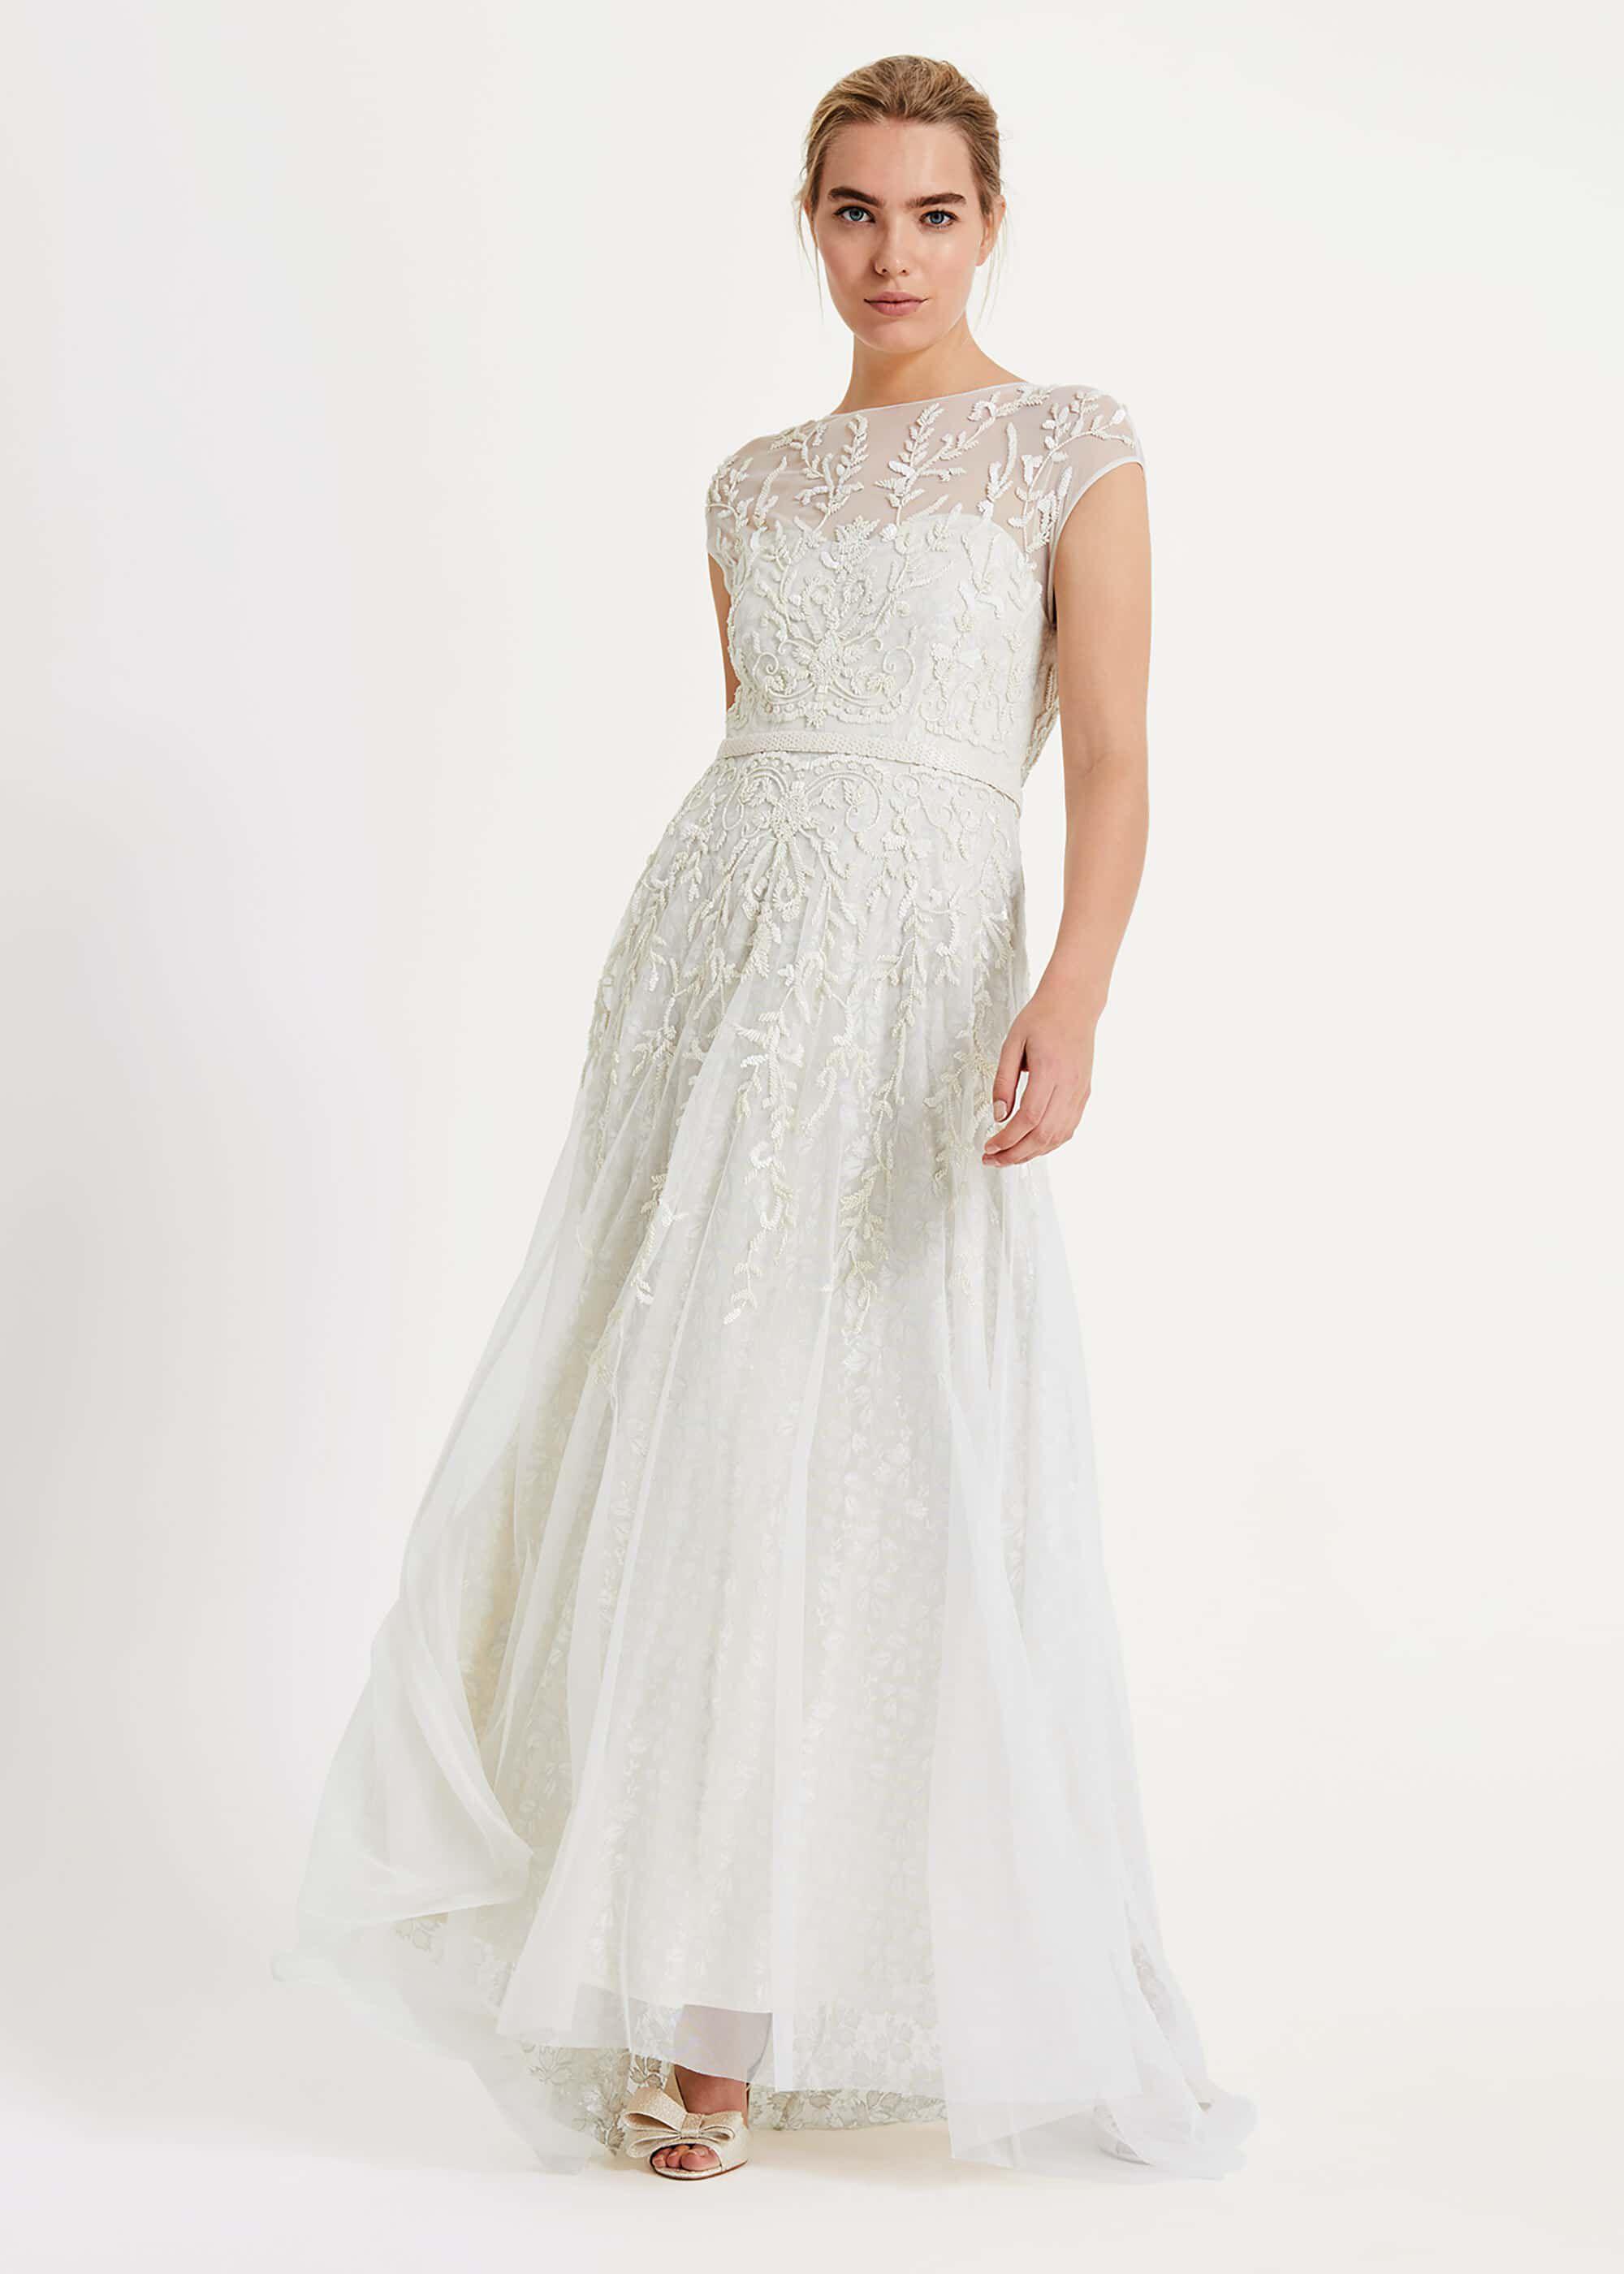 Mylee Embellished Wedding Dress | Phase